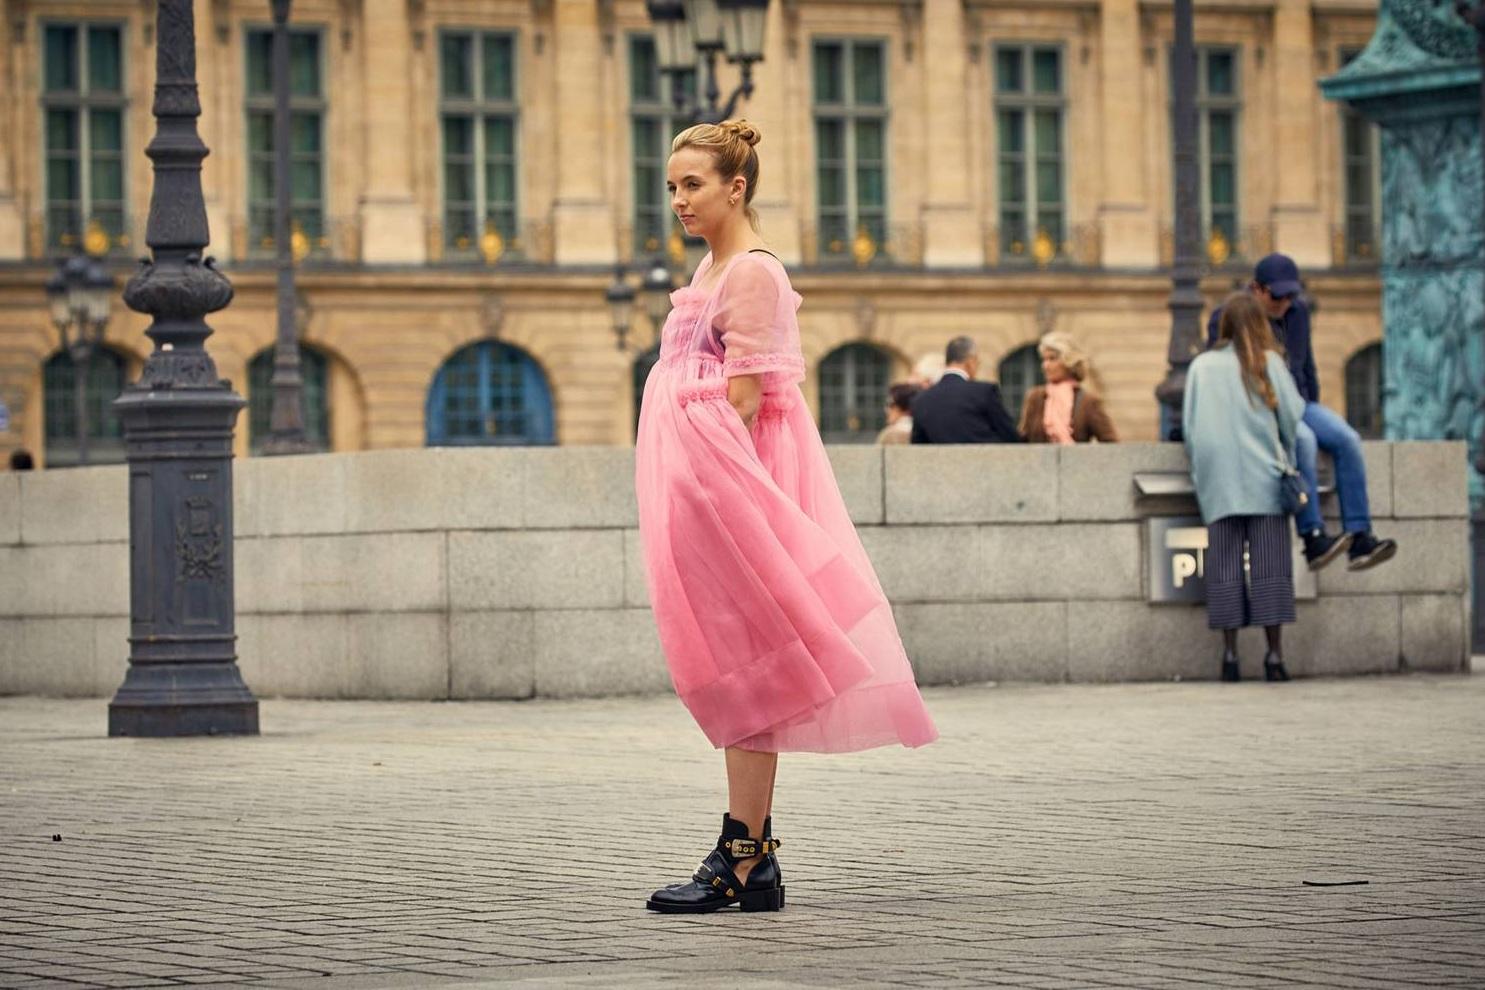 Villanelle, la protagonista de la serie Killing Eve, vestida en un gran vestido de tul de Molly Goddard y botas de Balenciaga.